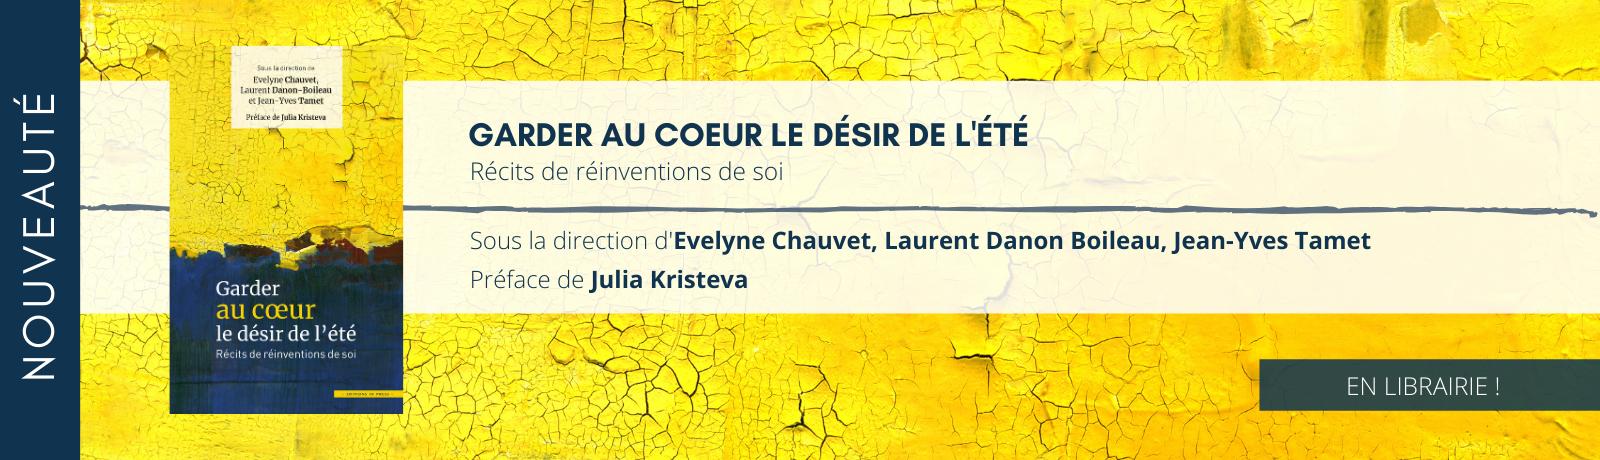 Bannière Site In Press (10)